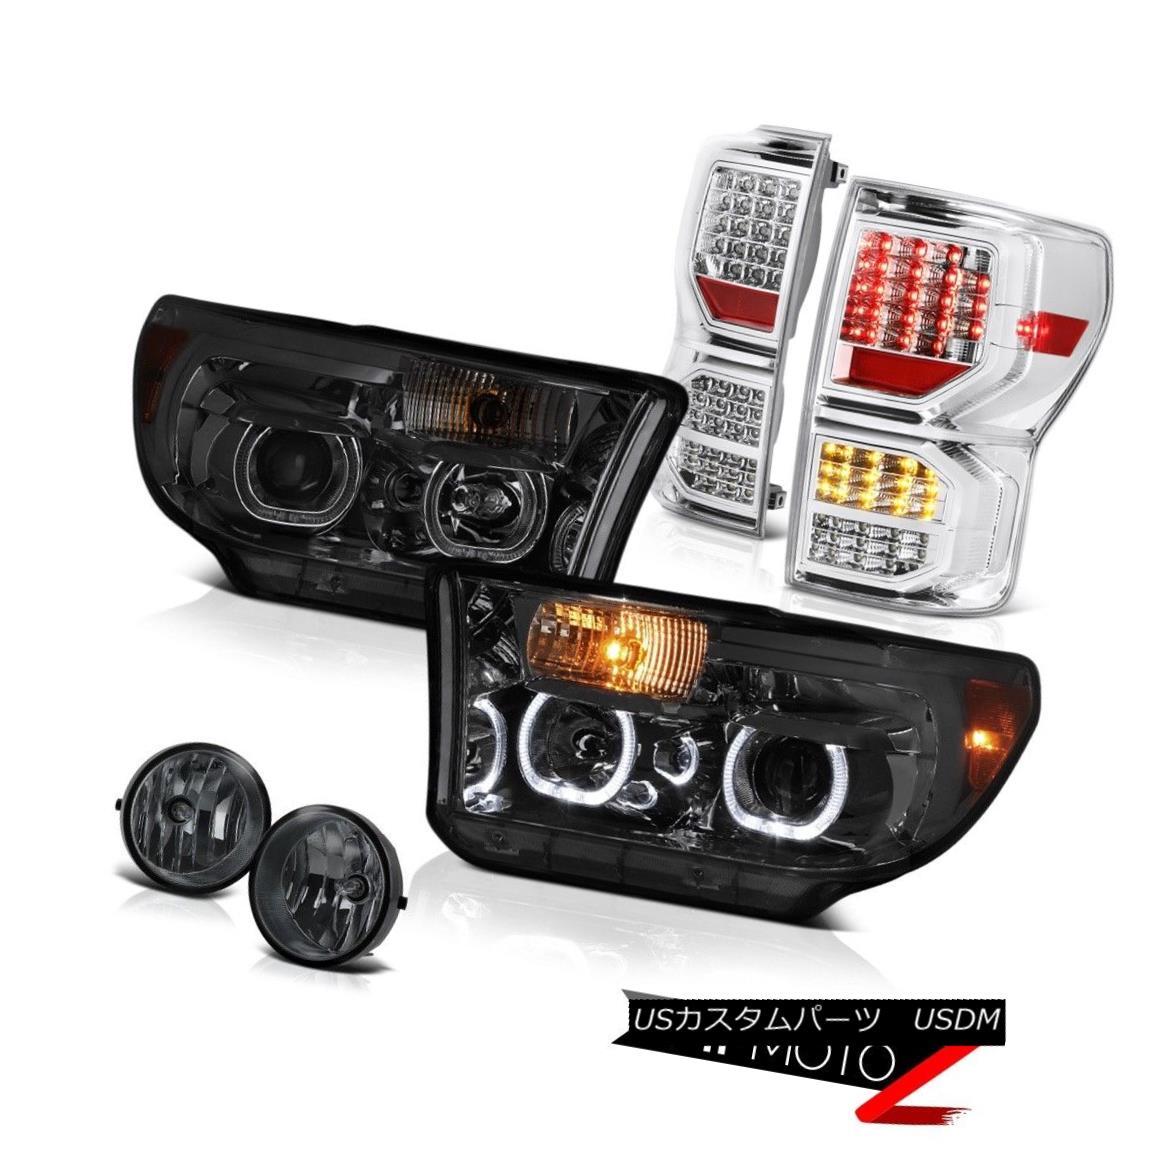 テールライト 07-13 Toyota Tundra Limited Sterling Chrome Tail Lamps Headlights Fog Lights SMD 07-13トヨタ・トンドラ限定スターリングクロームテールランプヘッドライトフォグライトSMD